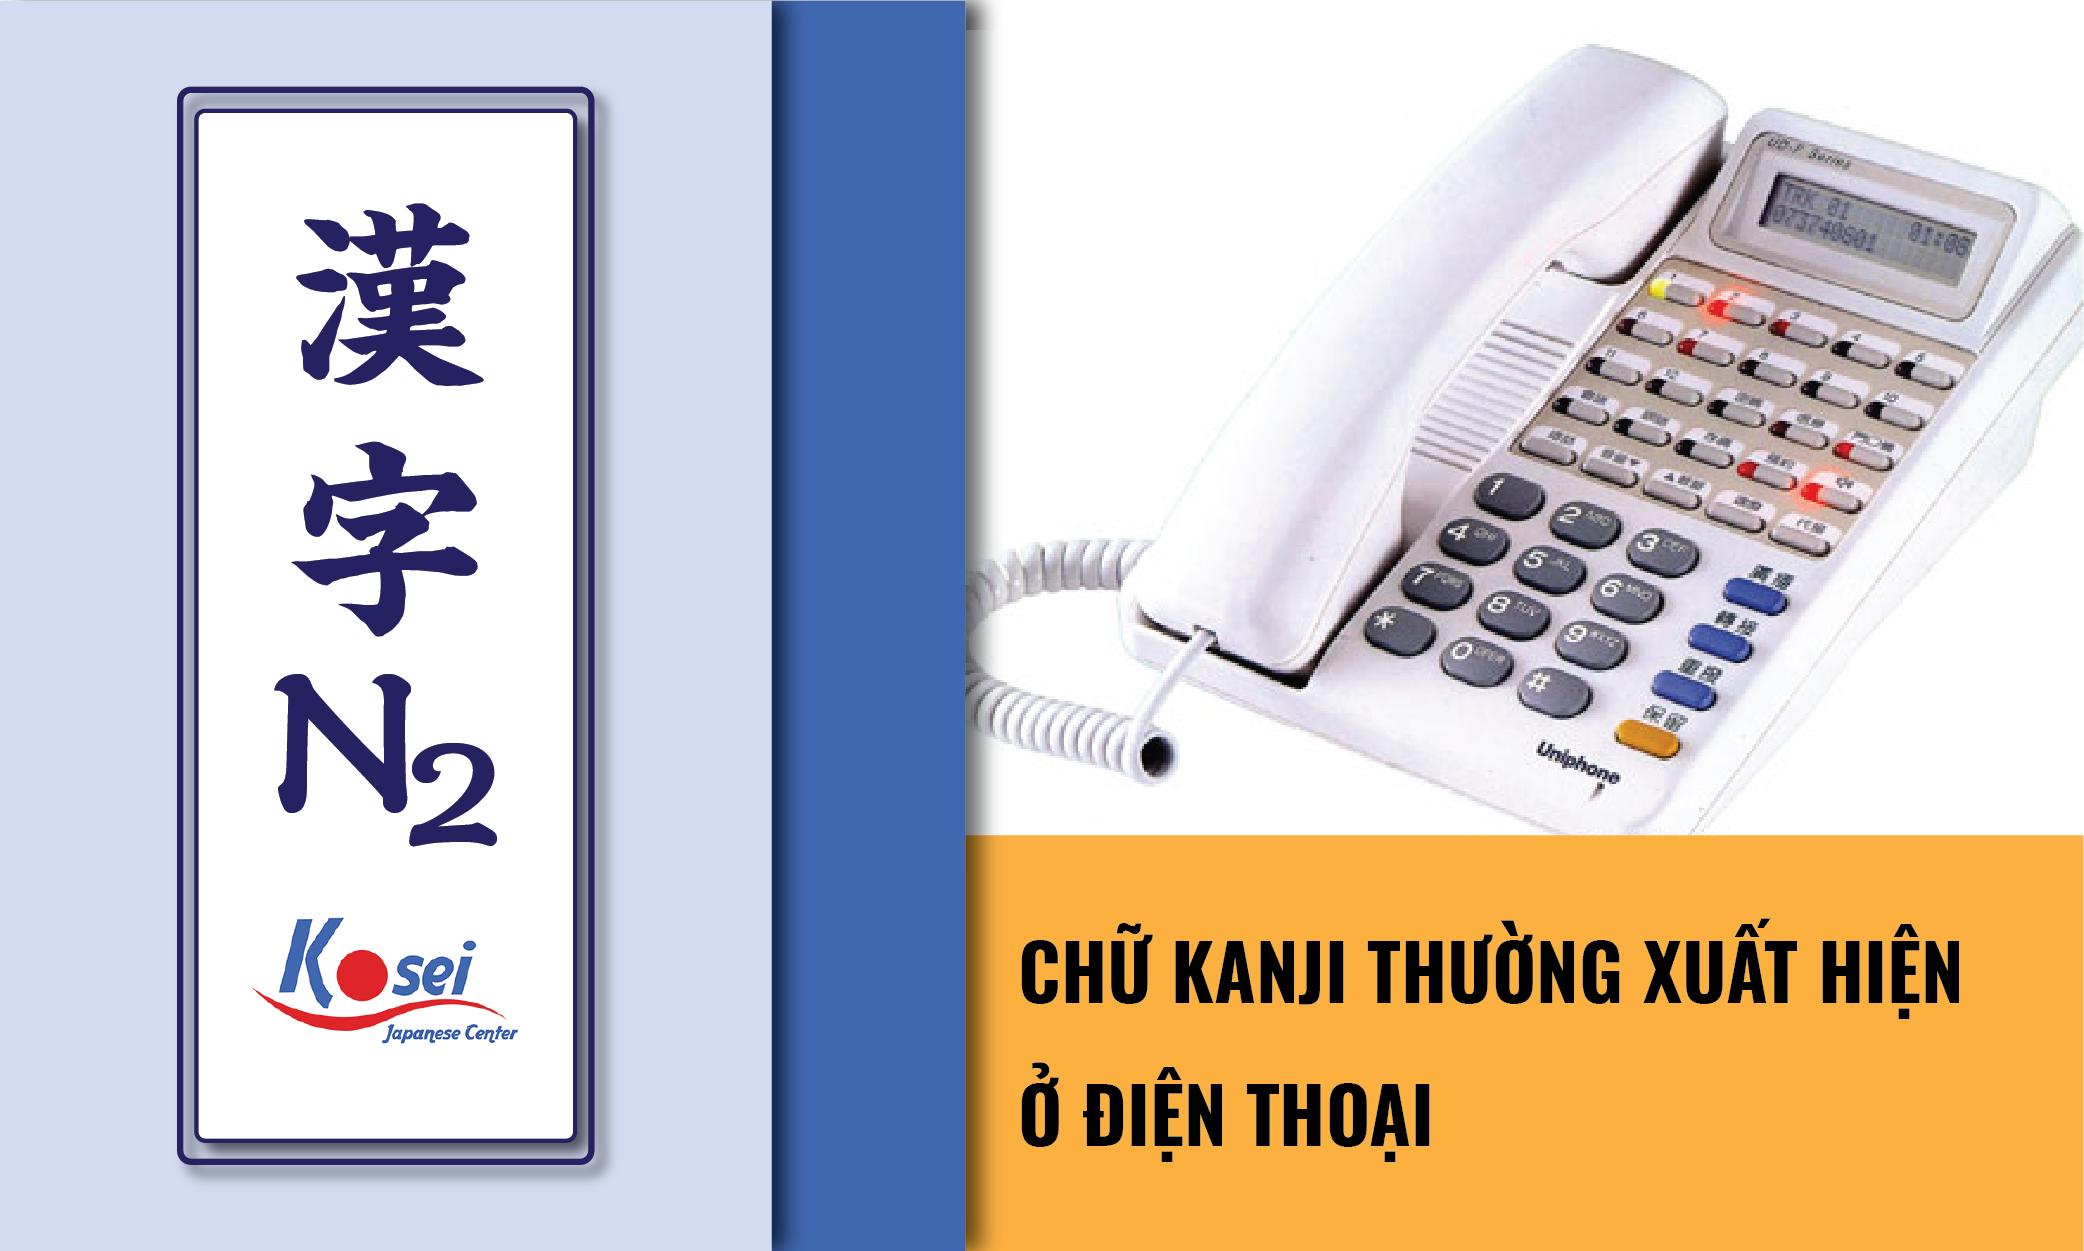 (Tổng hợp) Kanji N2: Các Kanji xuất hiện trên điện thoại